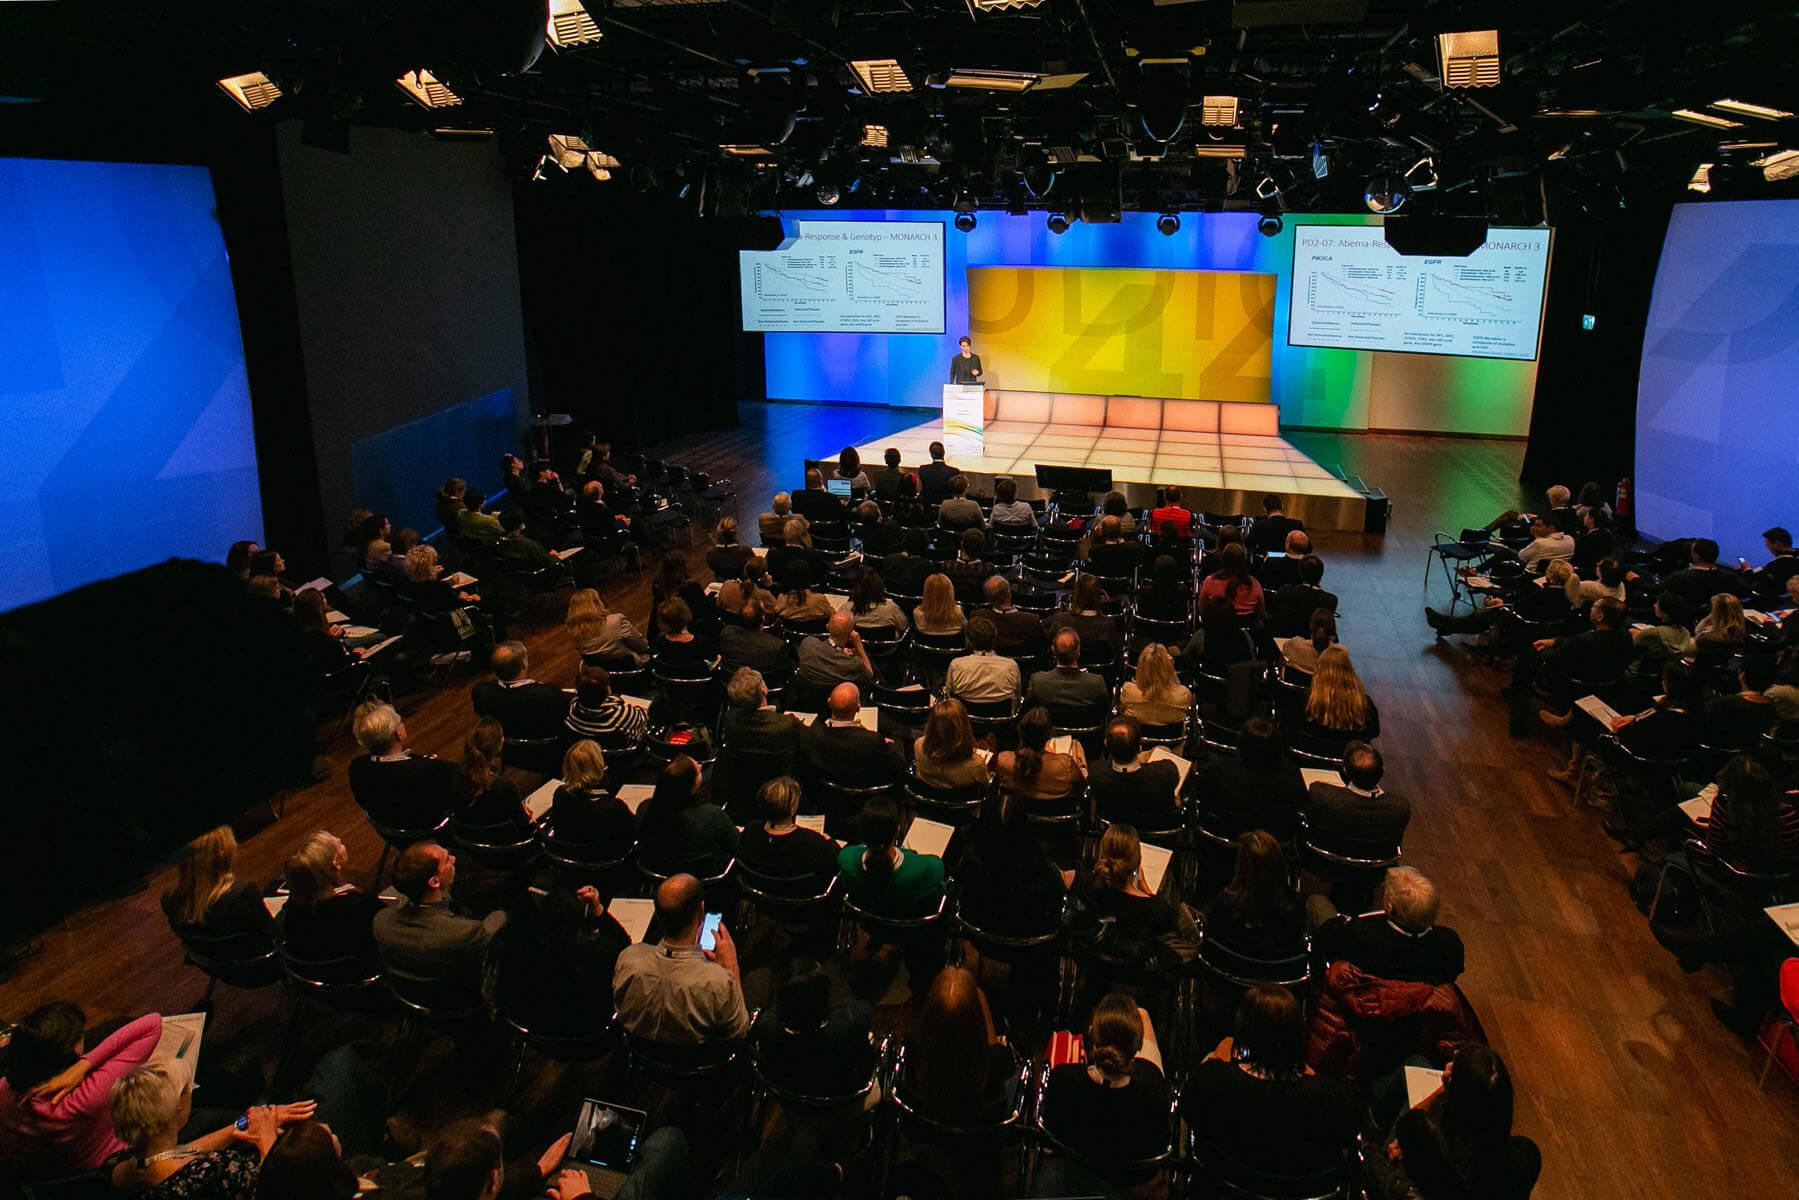 Full House im Studio 44 in Wien.